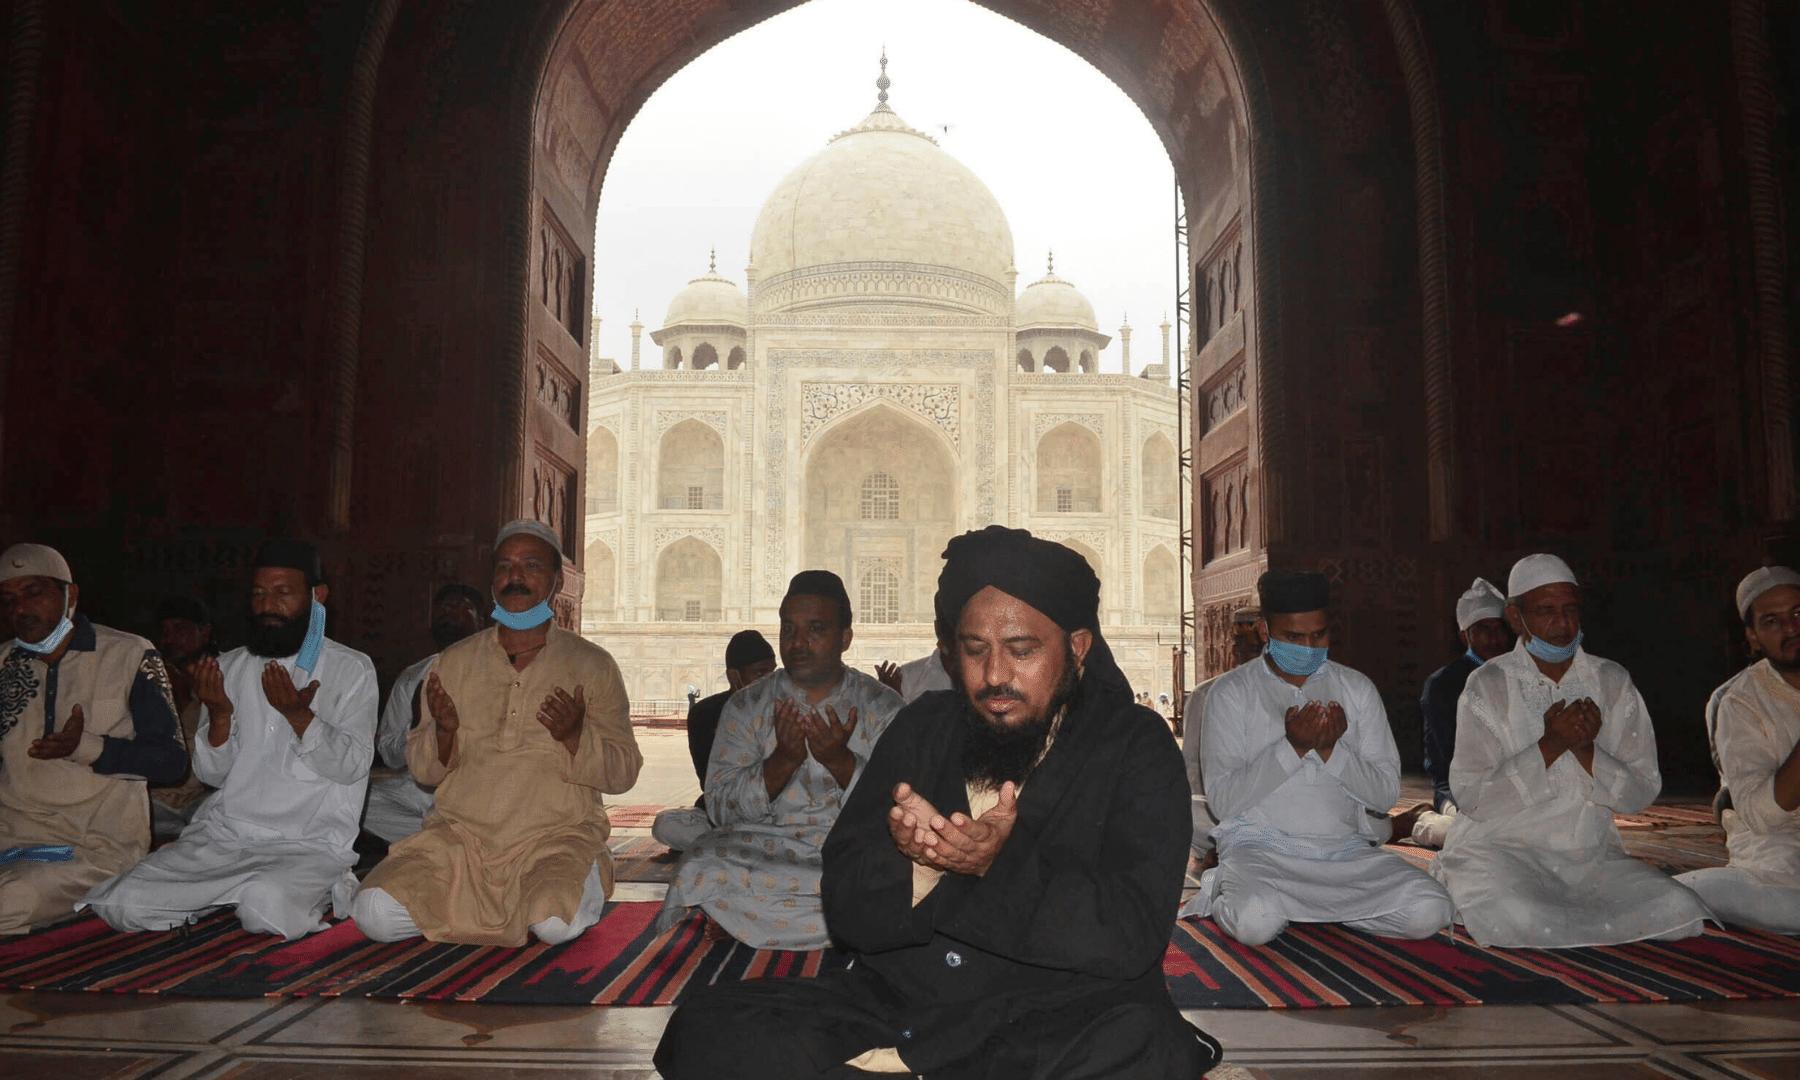 بھارت کے شہر آگرہ میں تاج محل کے سامنے واقع جامع مسجد میں نماز عید کی ادائیگی کے بعد دعا مانگی جا رہی ہے— فوٹو: اے پی